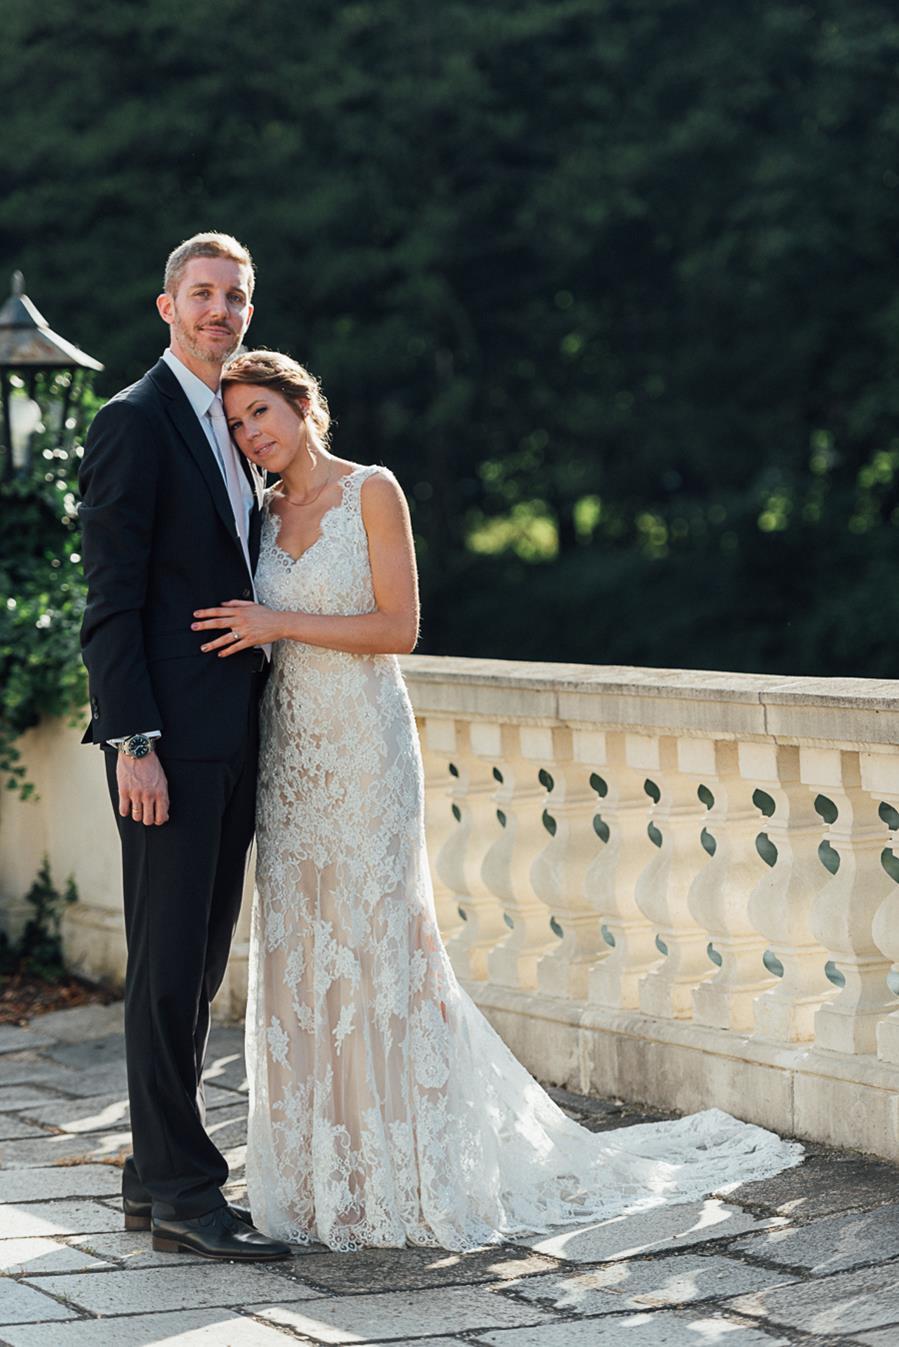 Hochzeit in Schloss Laudon in Wien mit Trauung im Garten und Feier im Festsaal